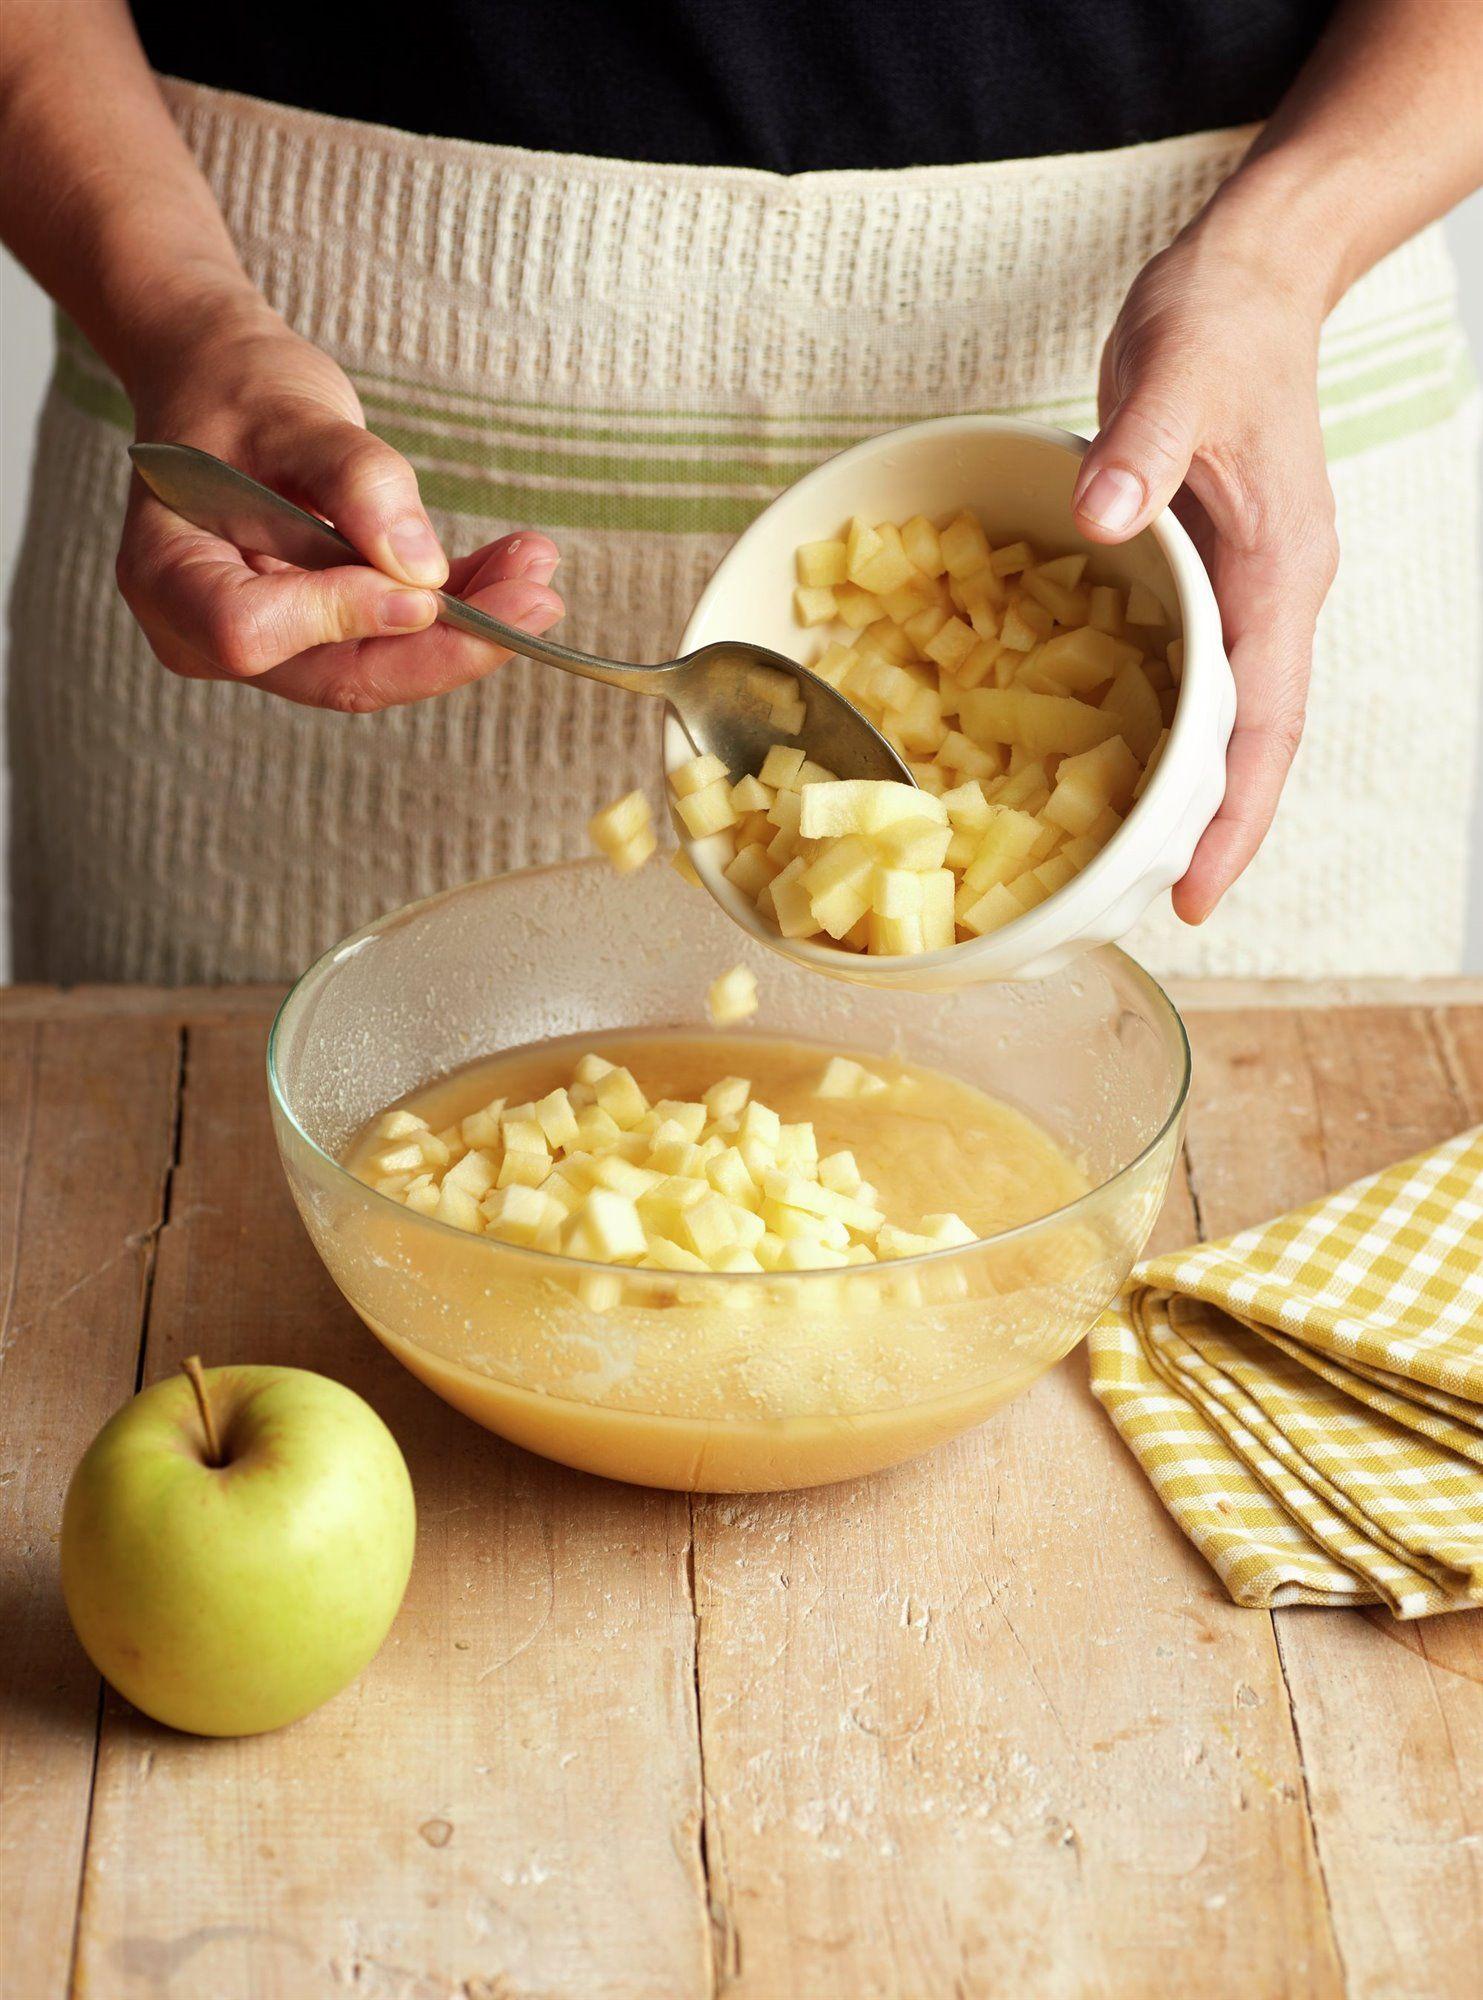 Tarta de hojaldre, crema y manzana caramelizada